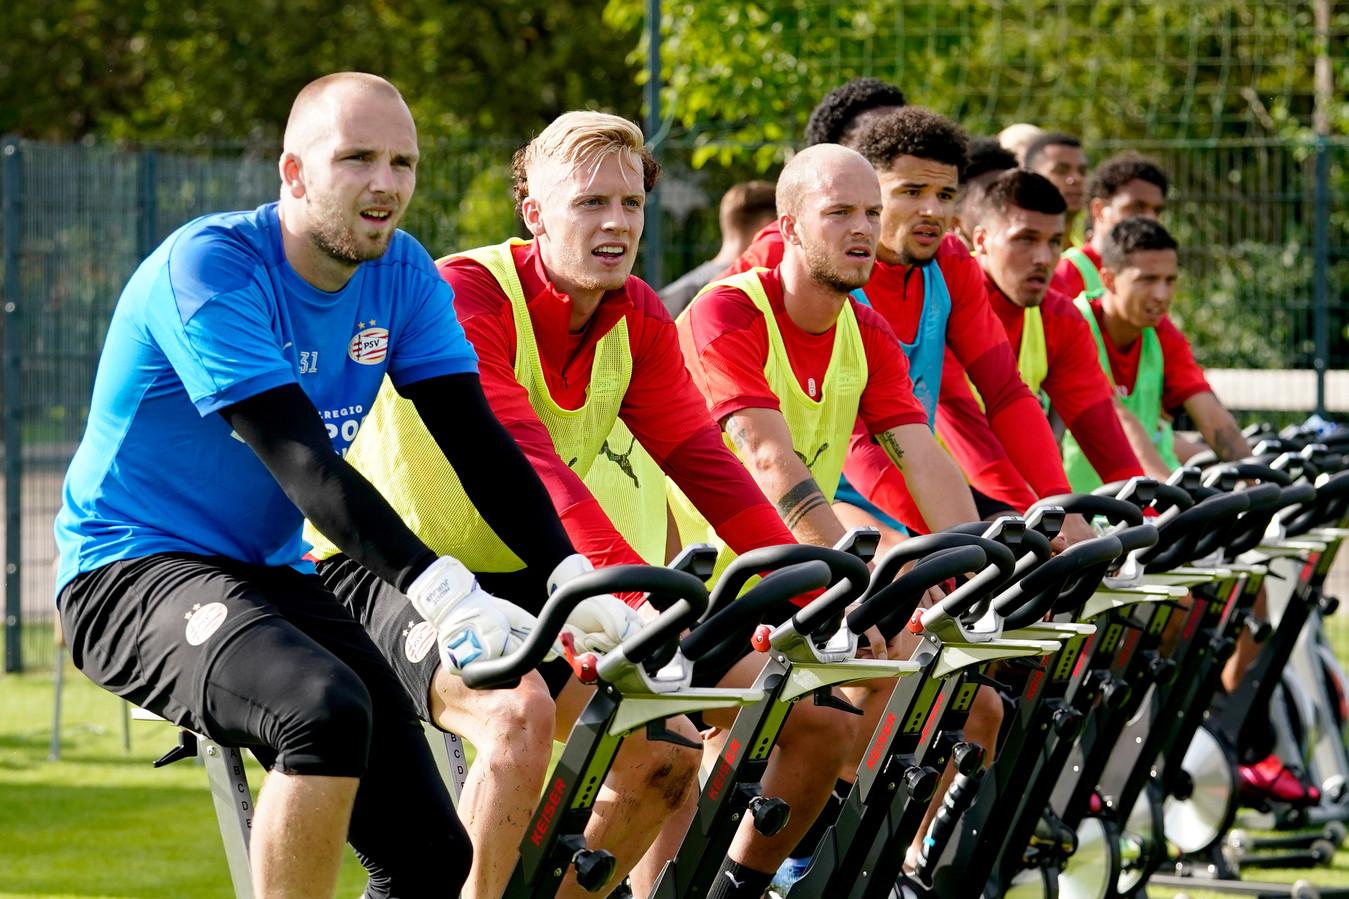 De PSV'ers tussen de partijvormen op de fiets: Hidde Jurjus, Timo Baumgartl, Jorrit Hendrix, Armando Obispo, Mauro Júnior, Donyell Malen en Cody Gakop zijn zichtbaar.